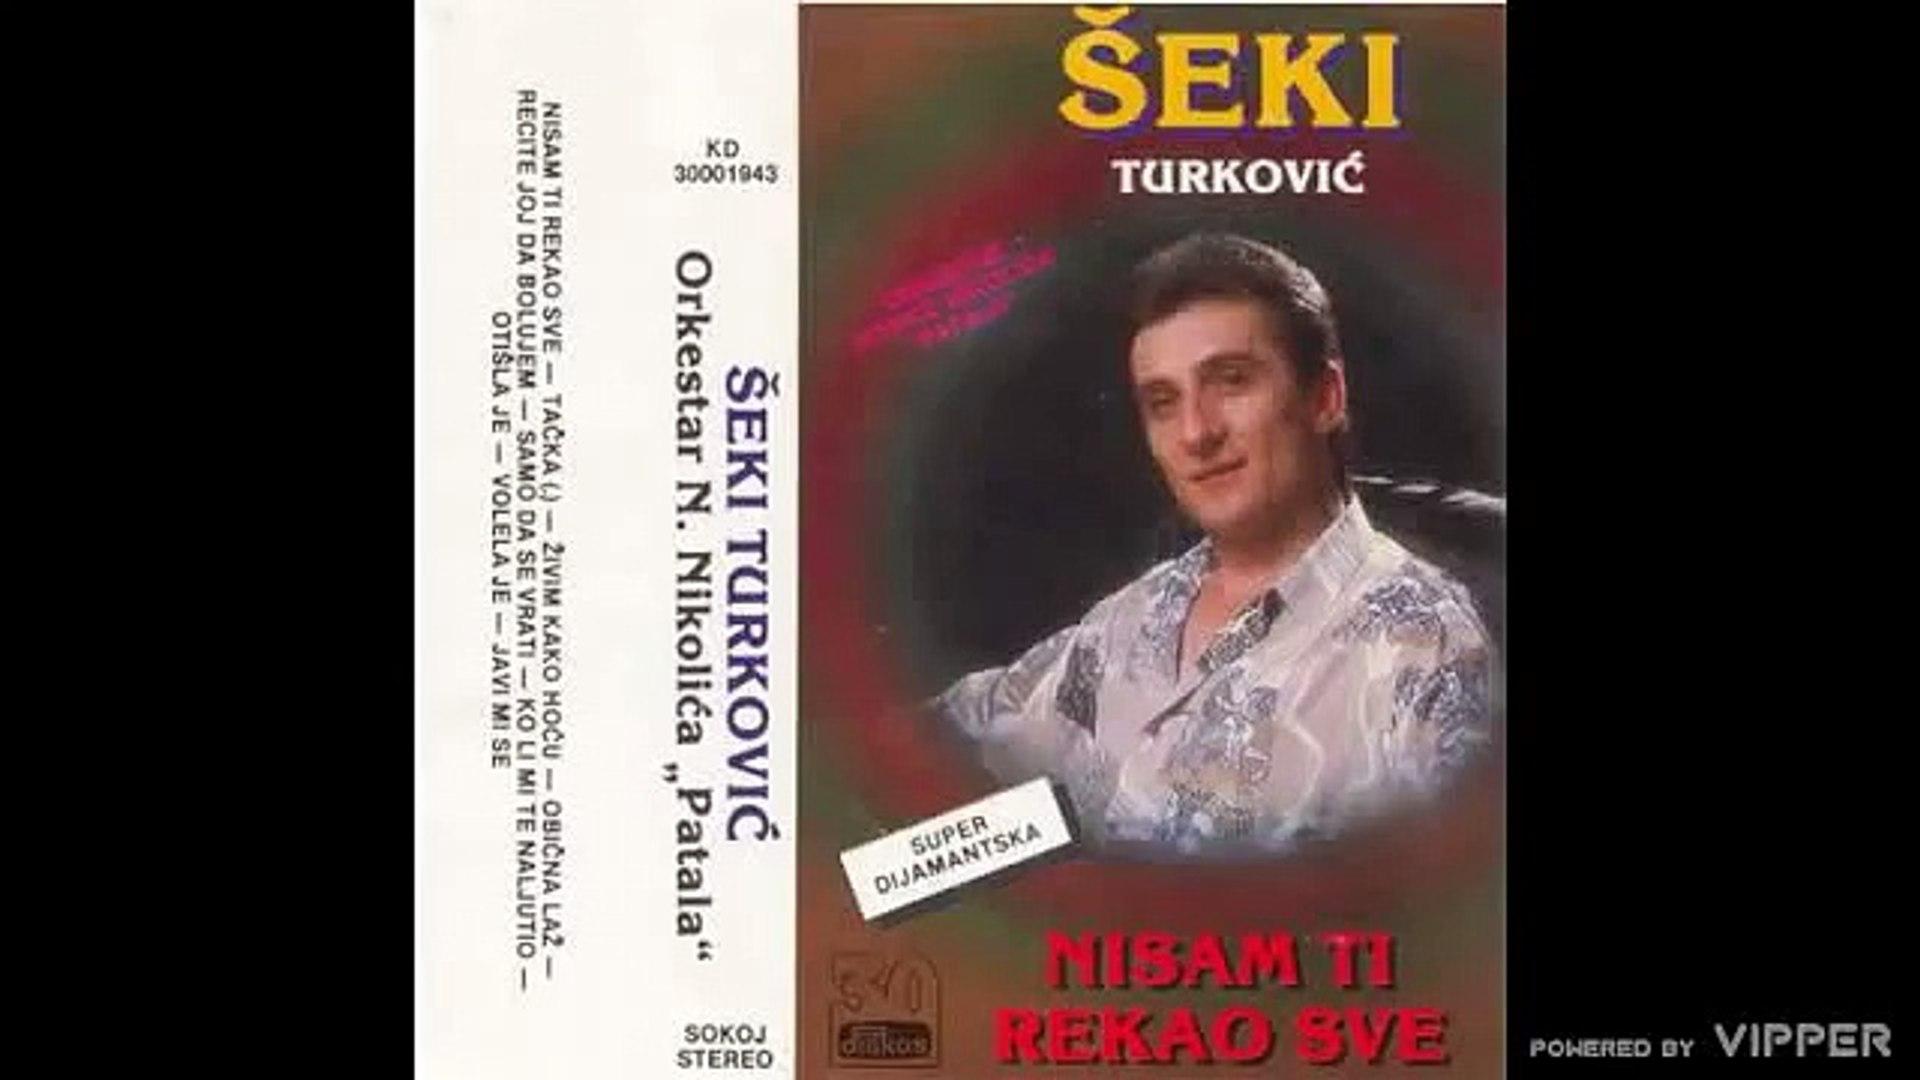 Seki Turkovic - Zivim kako hocu